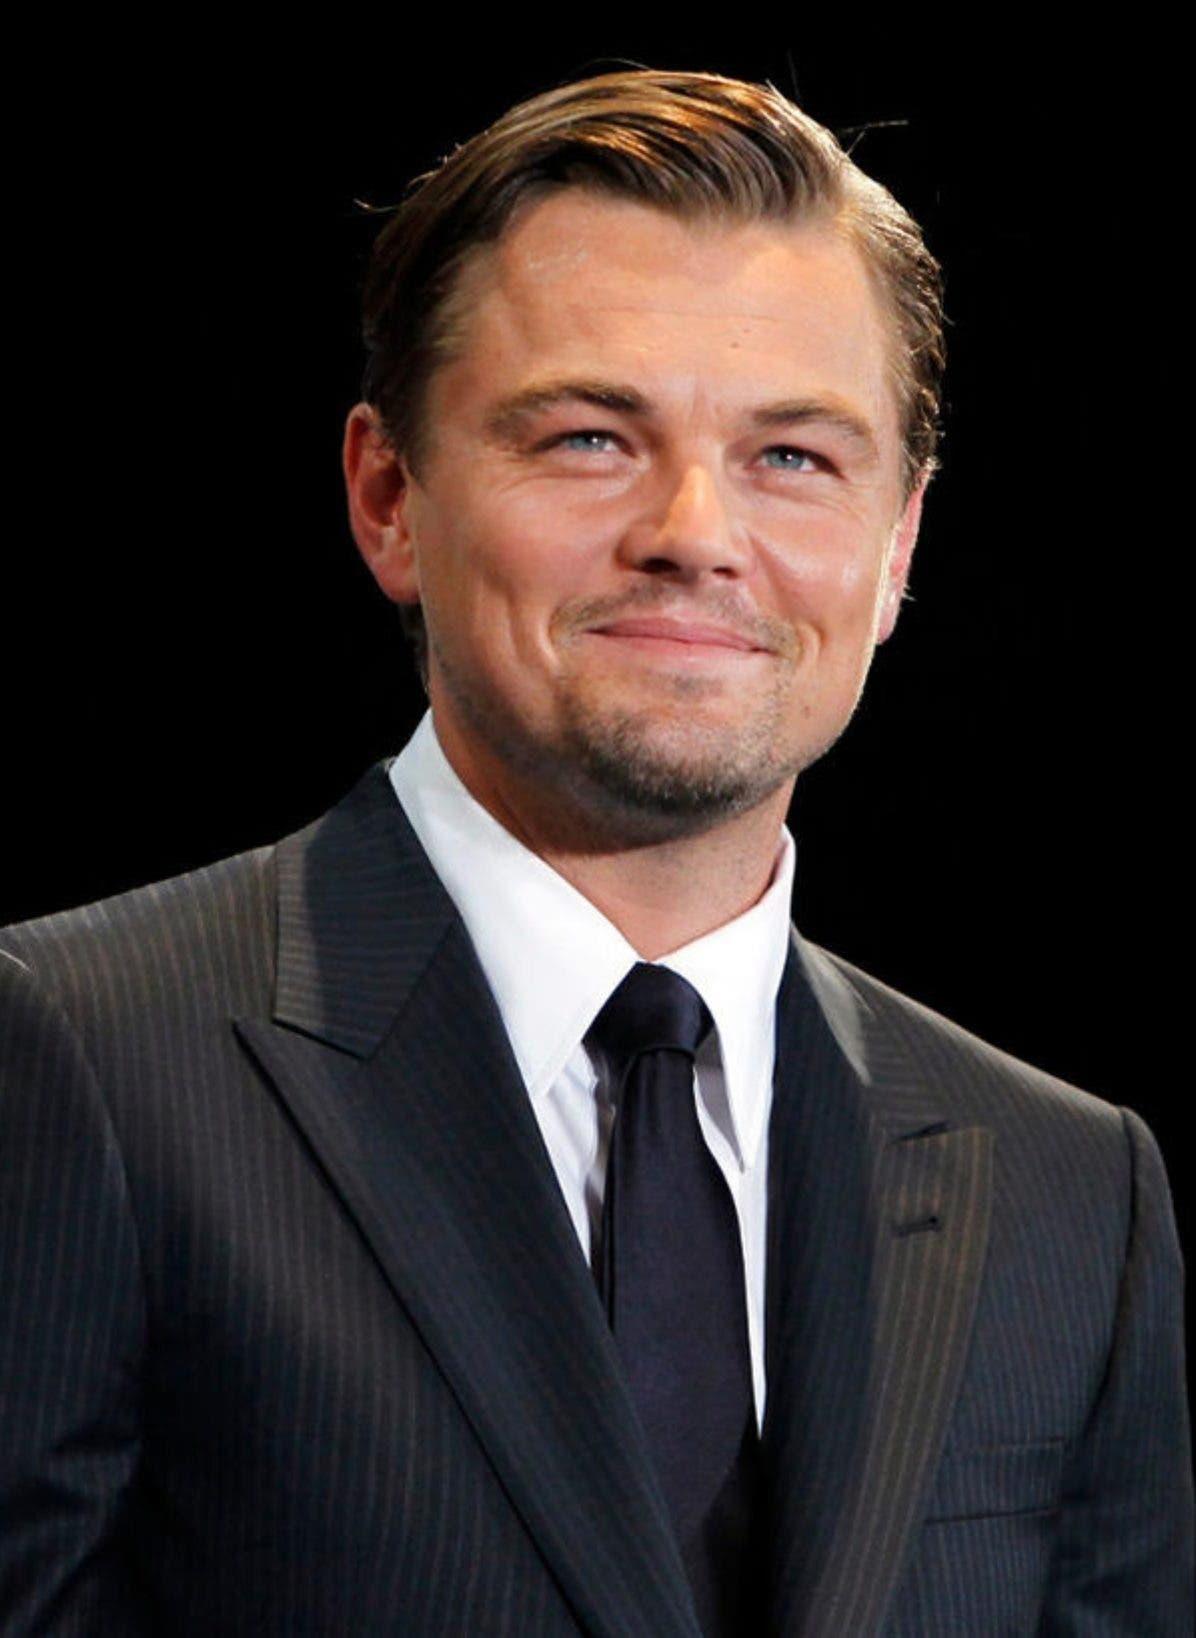 Leonardo DiCaprio quiere que Donald Trump reconsidere su posición sobre el medioambiente.